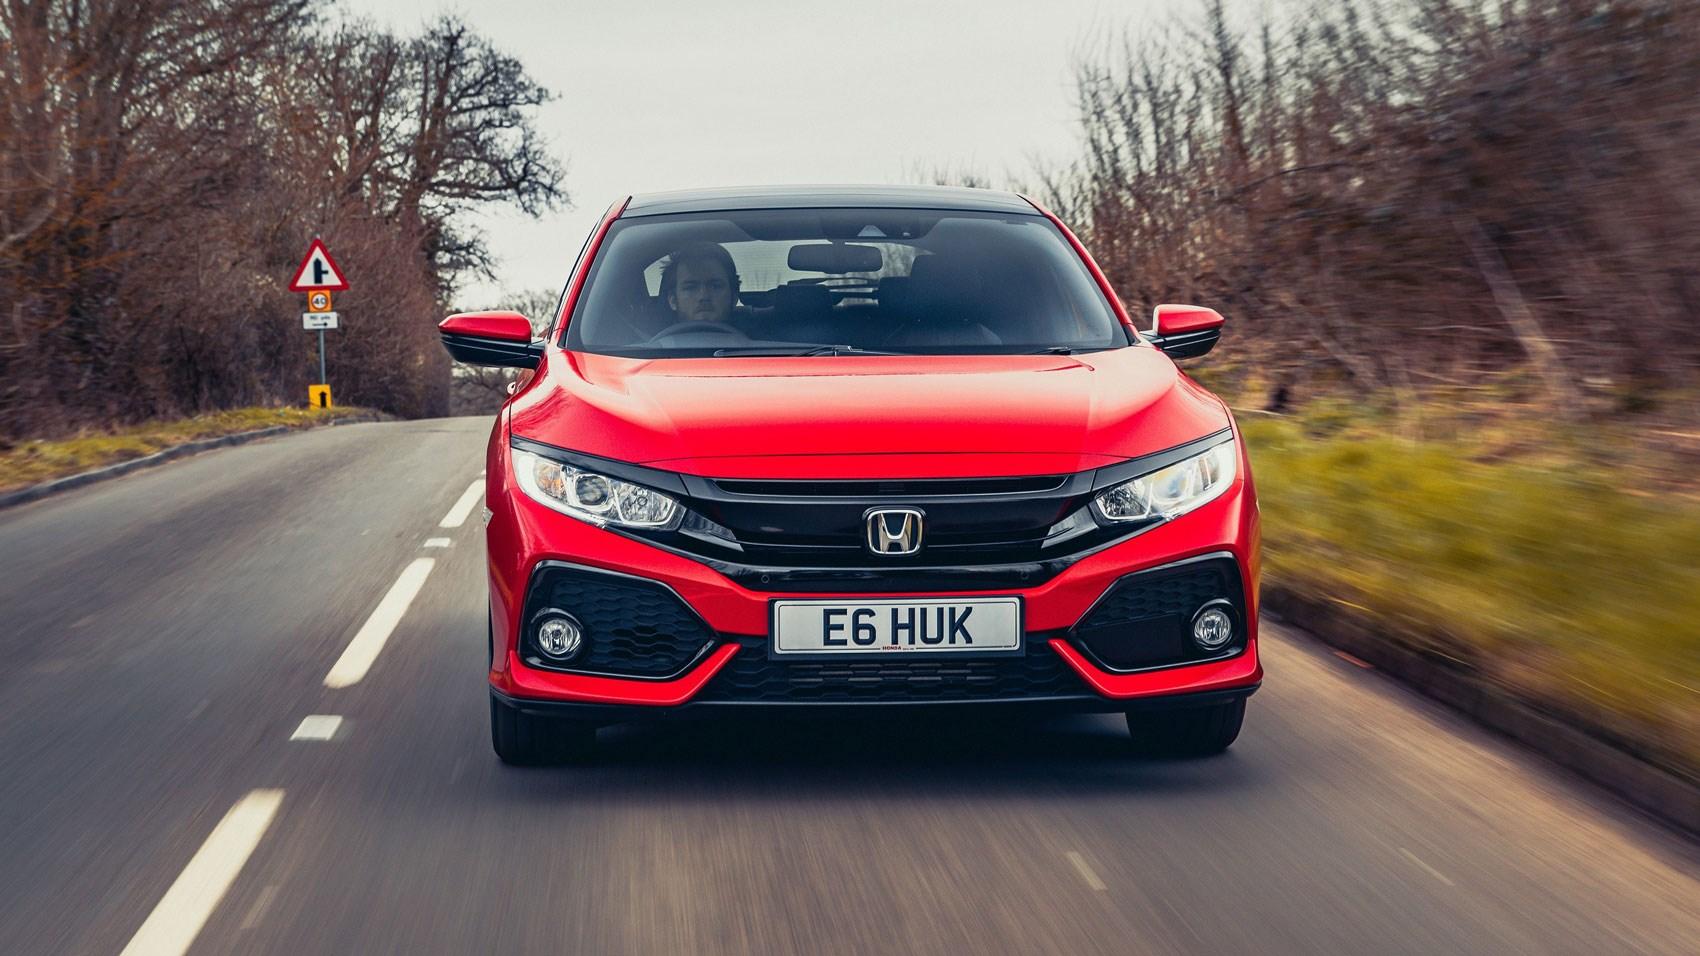 Kelebihan Kekurangan Harga Civic Turbo 2019 Harga